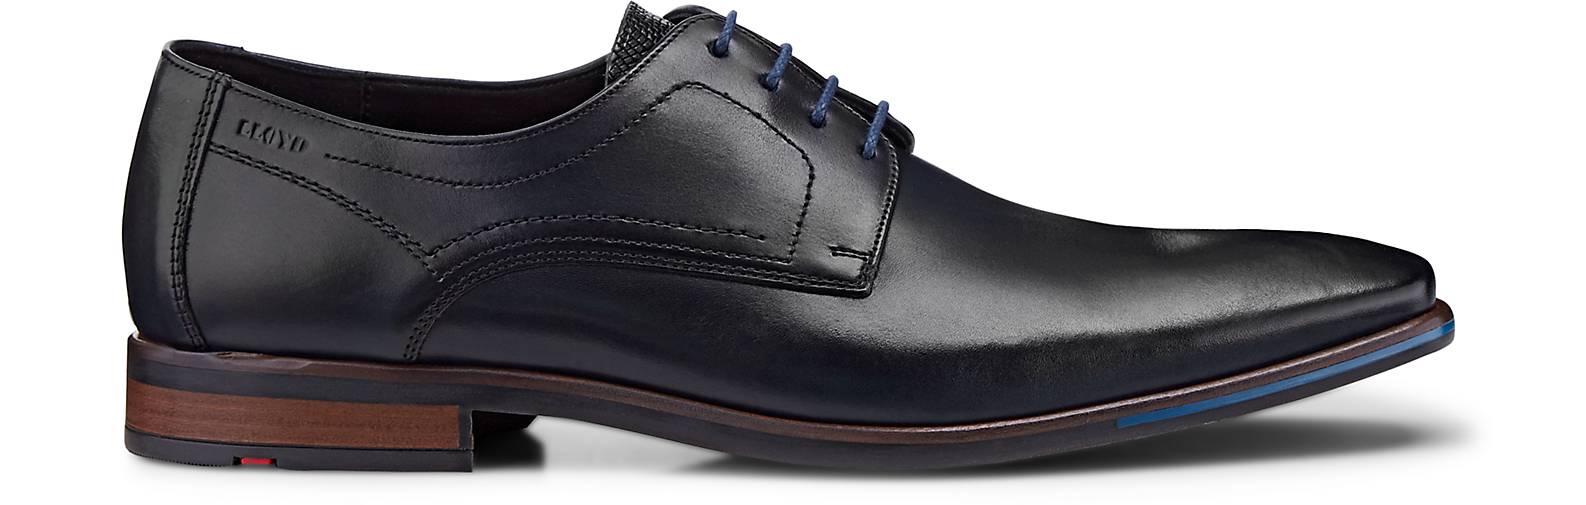 Lloyd Business-Schnürer DON in blau-dunkel kaufen - Qualität 47688001 | GÖRTZ Gute Qualität - beliebte Schuhe 105ee9